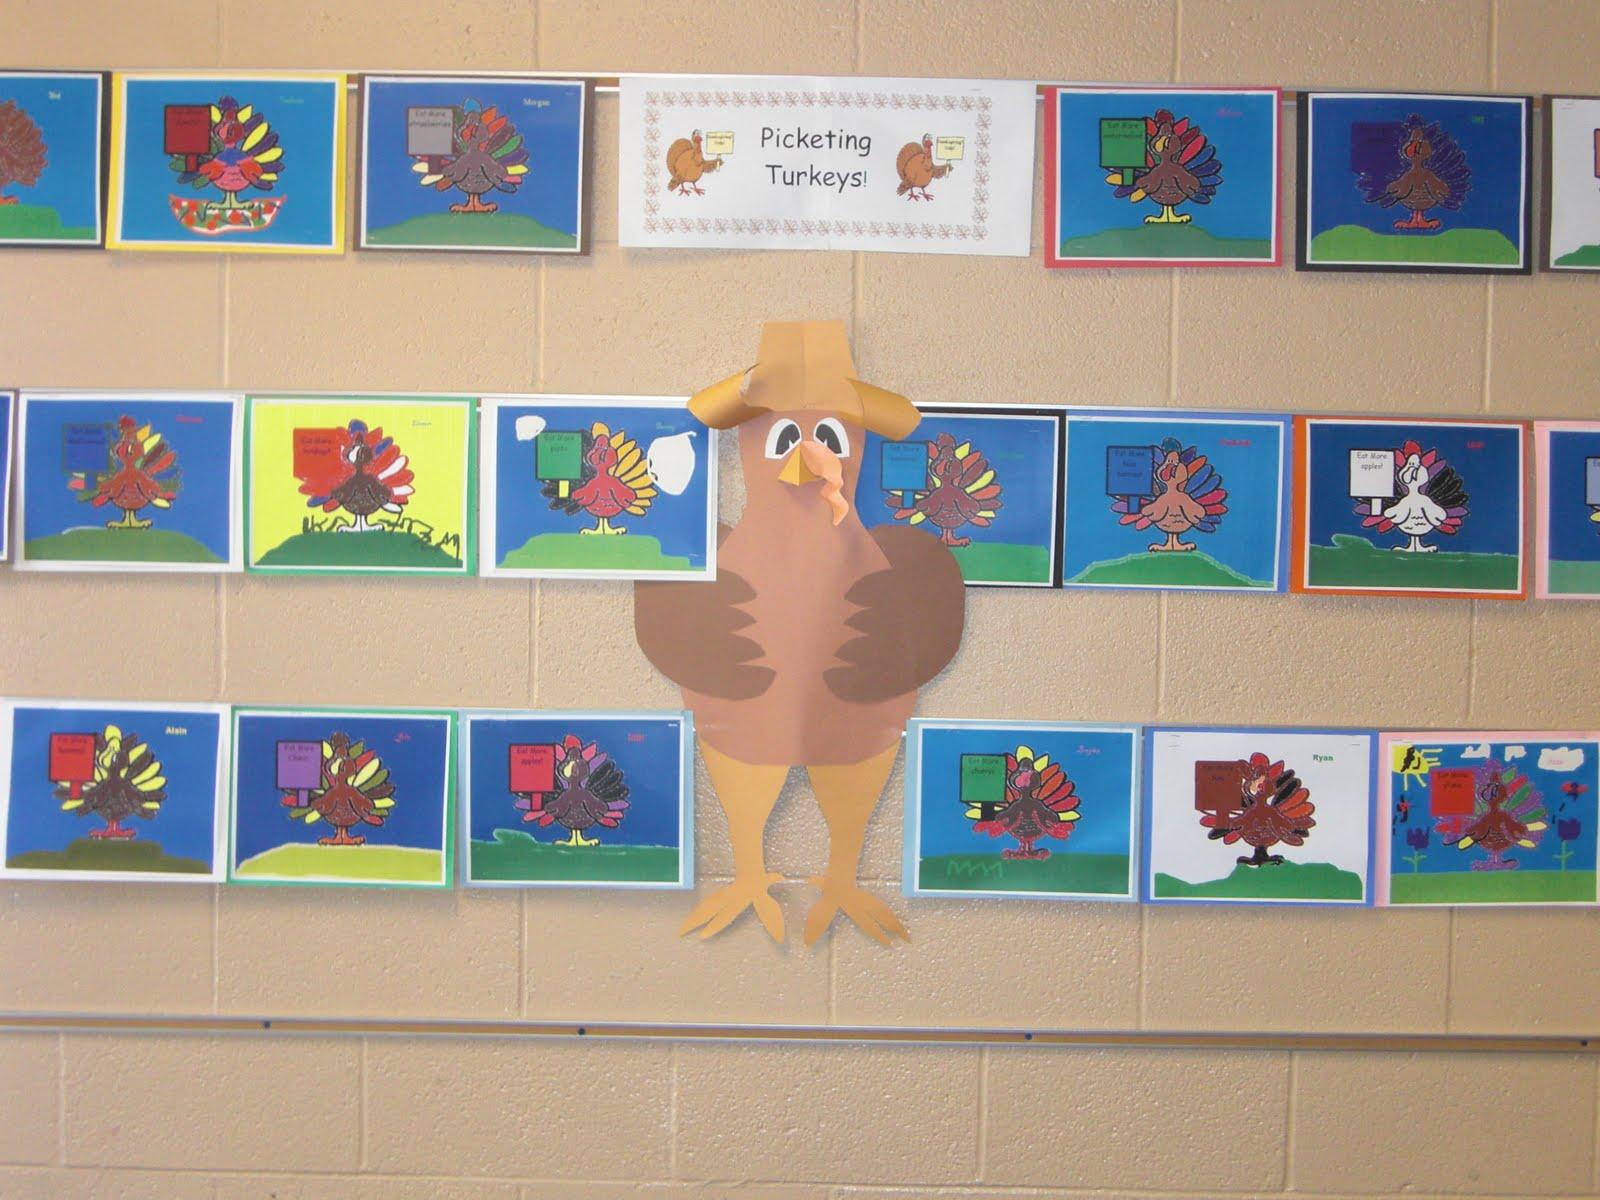 K 5 Technology Lessons Picketing Turkeys